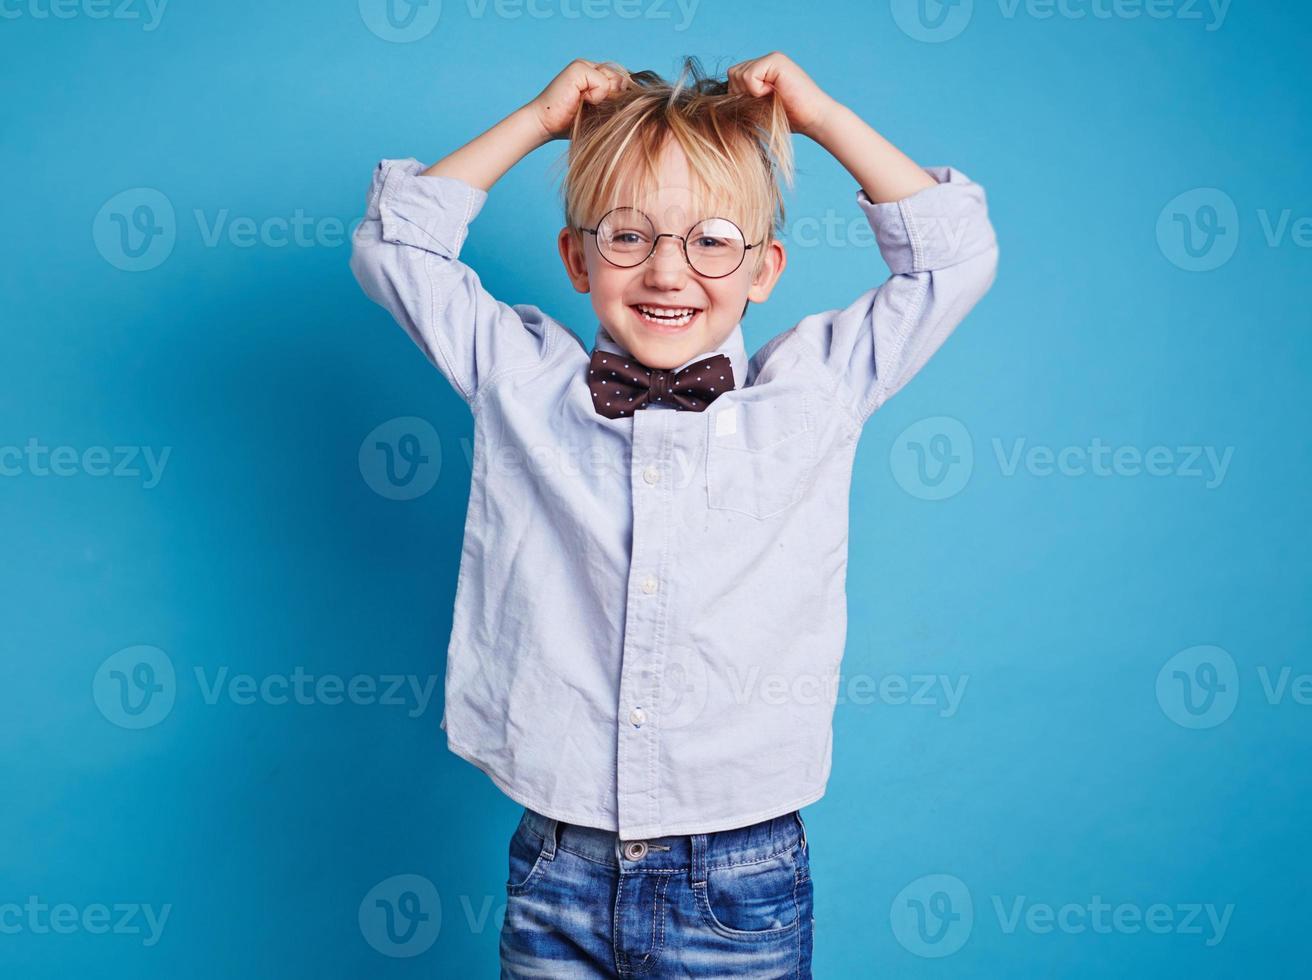 enfant extatique photo